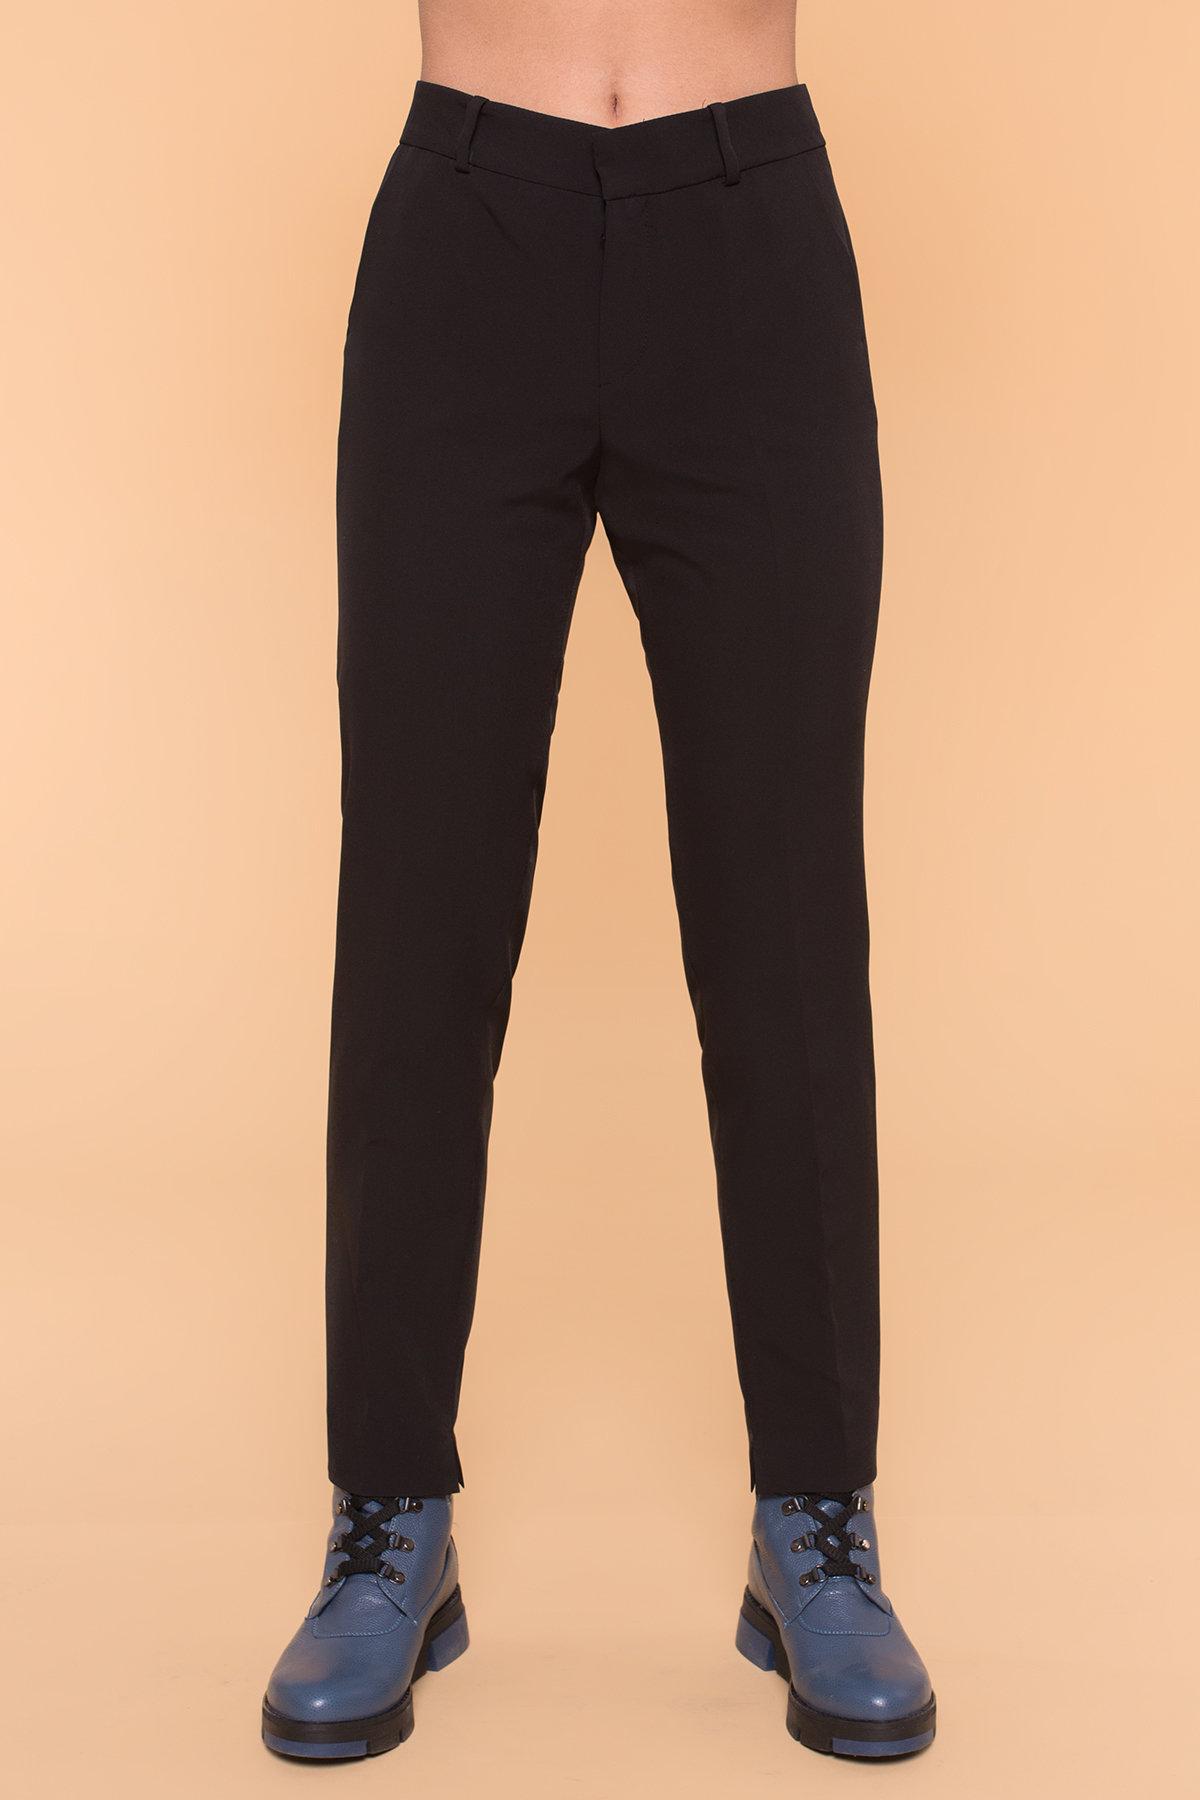 Базовые брюки со стрелками Эдвин 2467 АРТ. 16304 Цвет: Черный - фото 6, интернет магазин tm-modus.ru